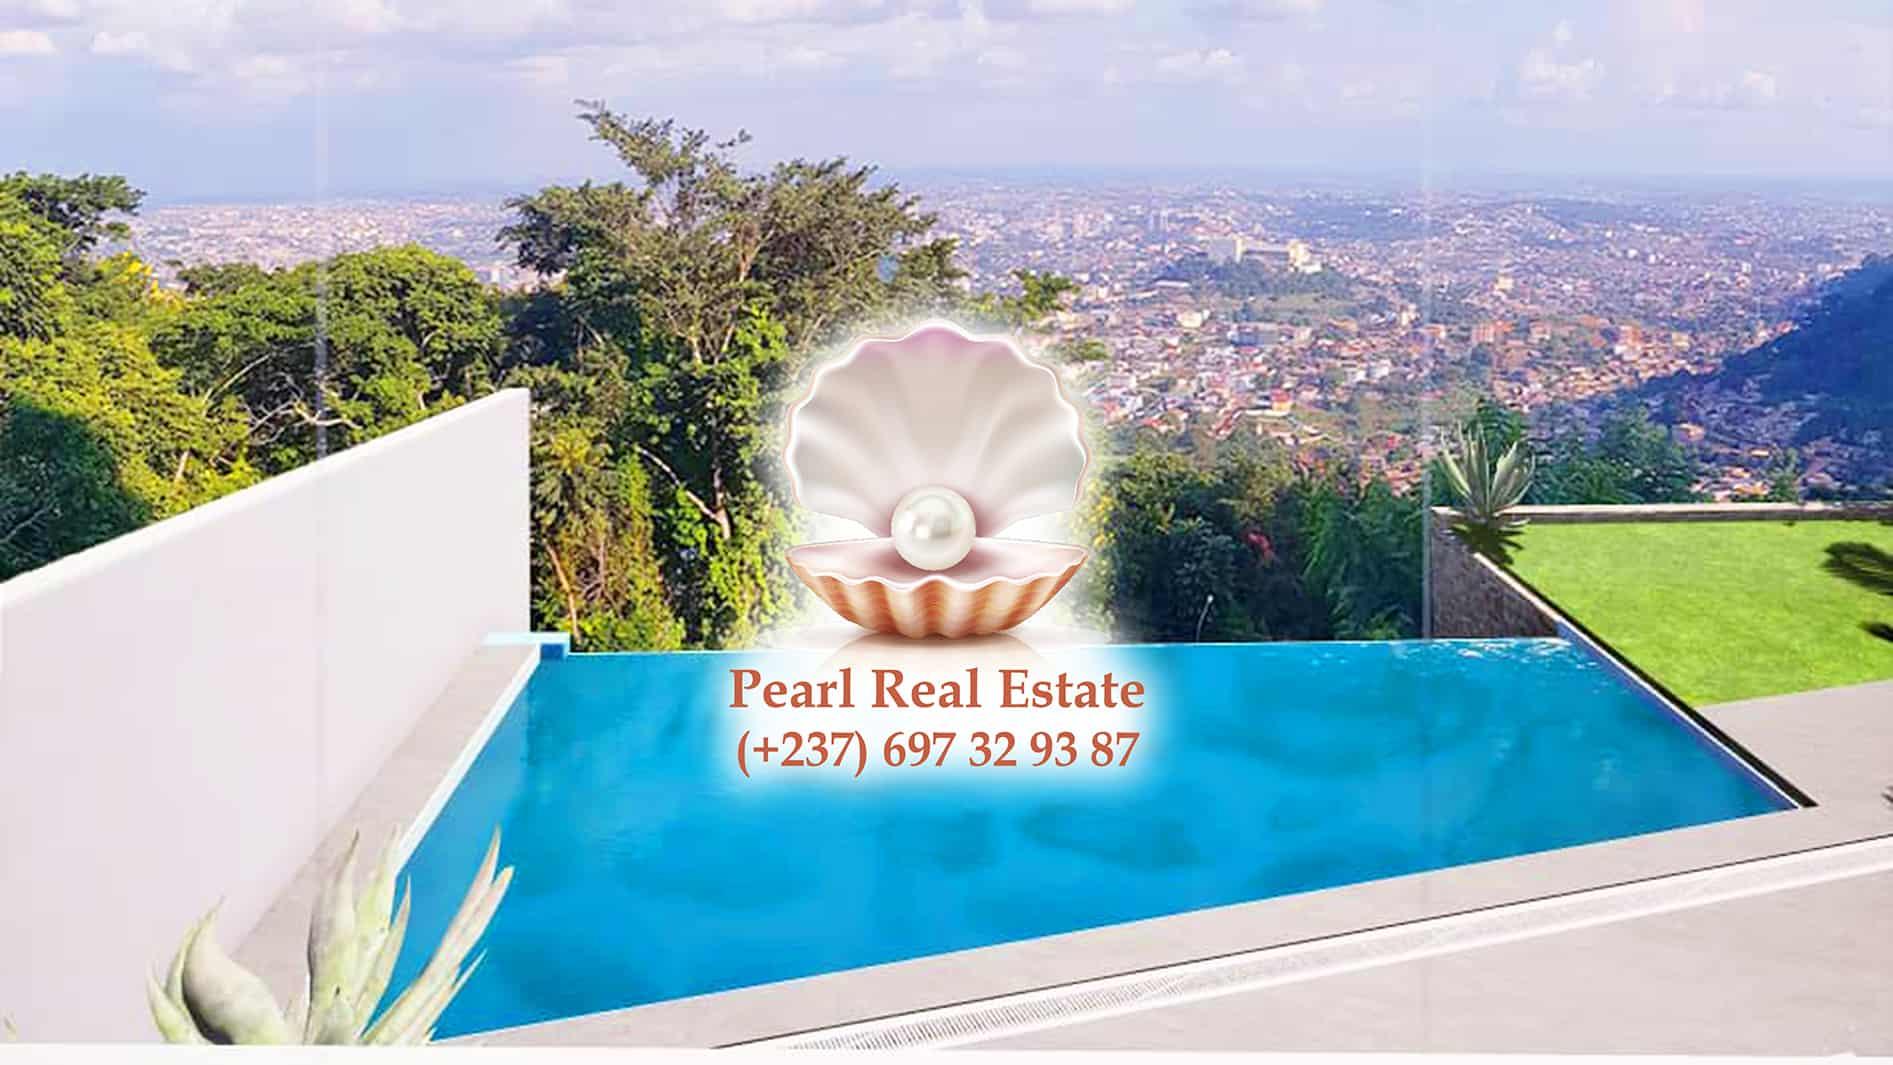 House (Duplex) to rent - Yaoundé, Bastos, Quartier du Golf - 1 living room(s), 4 bedroom(s), 4 bathroom(s) - 5 000 000 FCFA / month